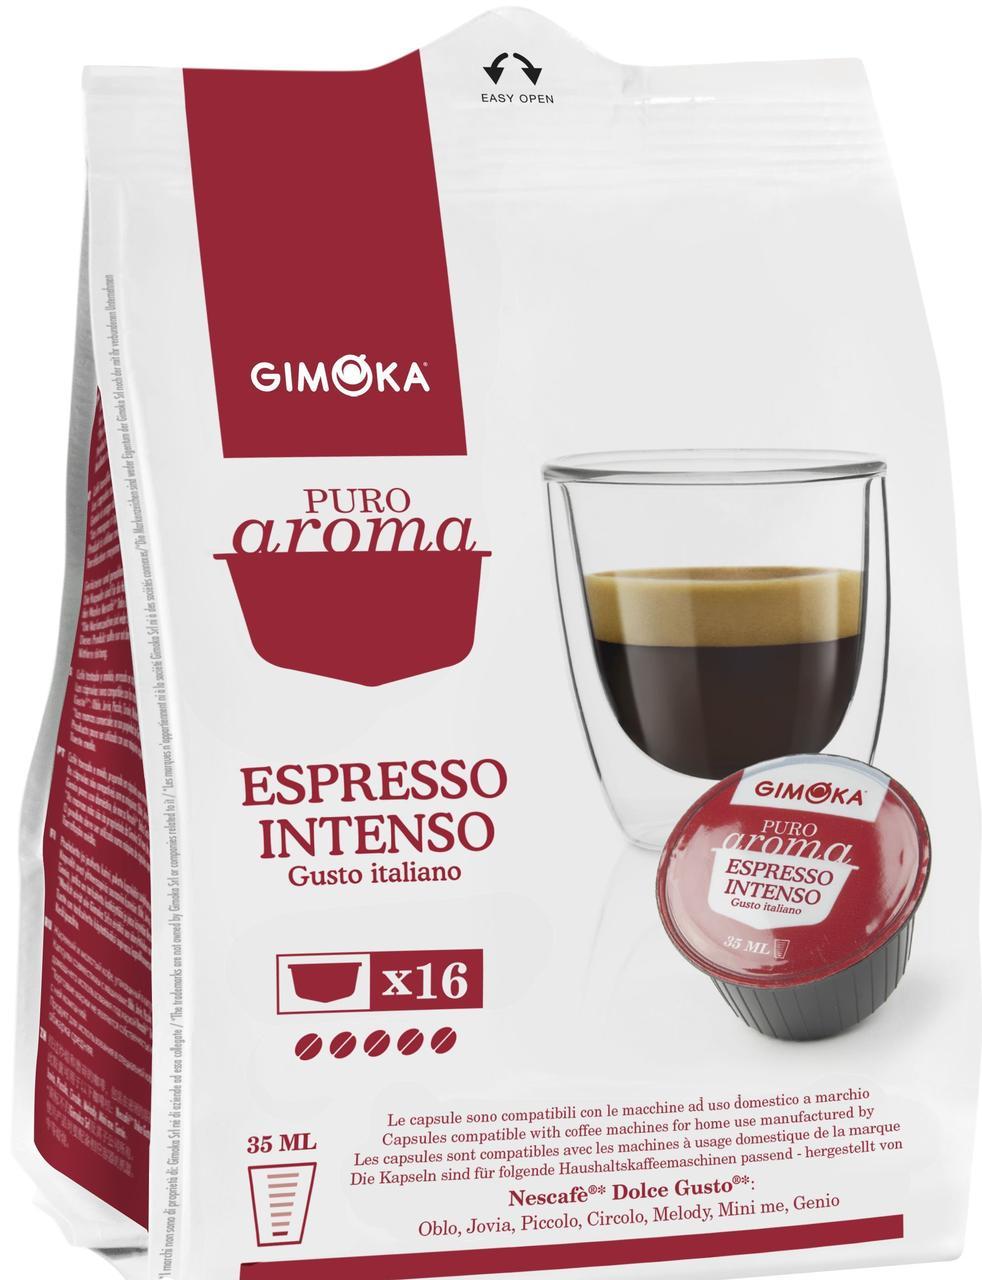 Кофе в капсулах Dolce Gusto (Nescafe) Gimoka Intenso 16 шт., Италия (Нескафе Дольче Густо)